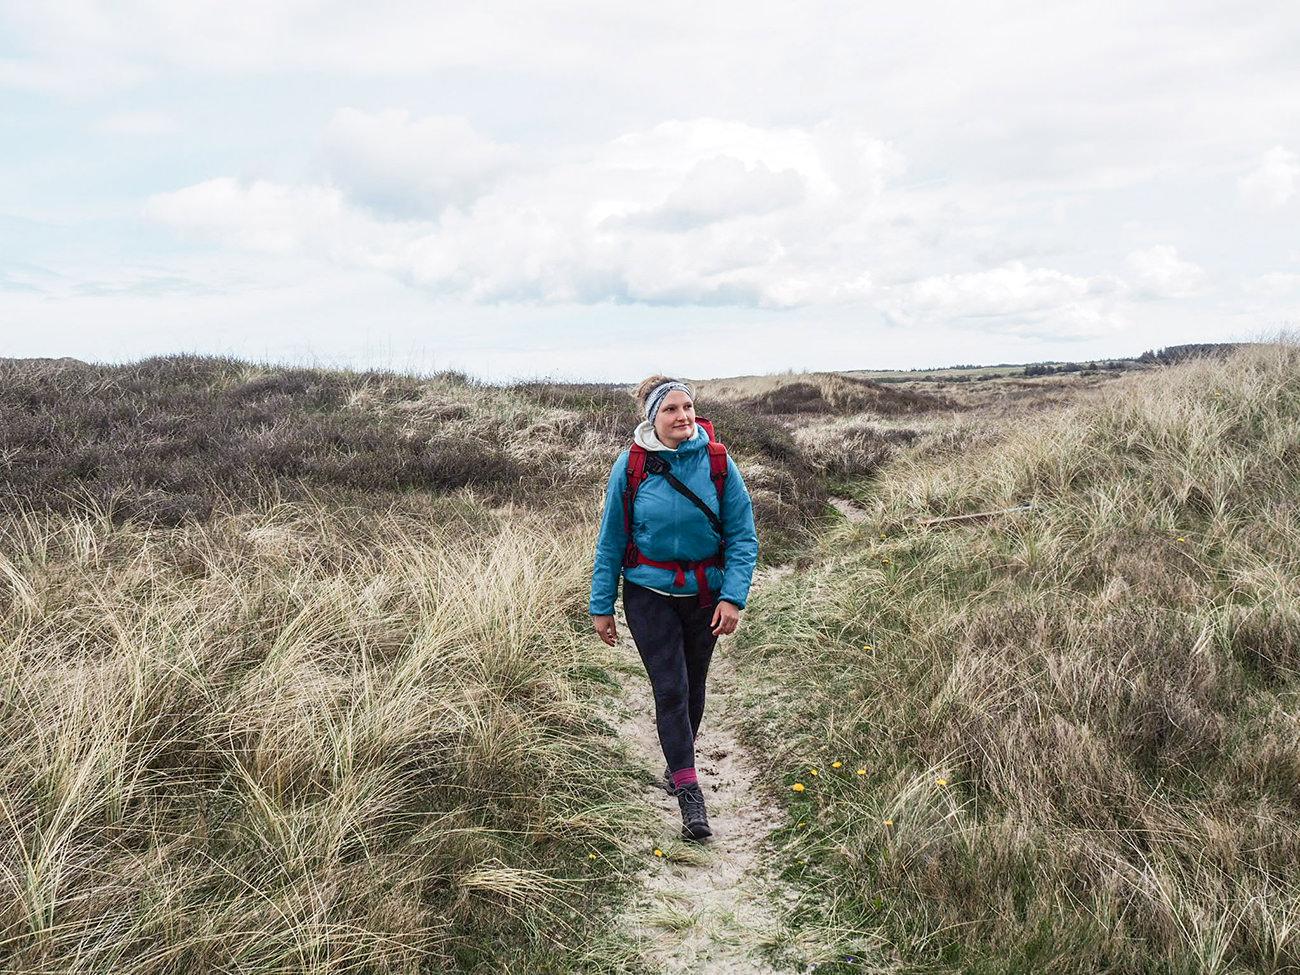 Klettergurt Unterschied Damen Herren : Wandern in leggings? pro & contra fräulein draußen